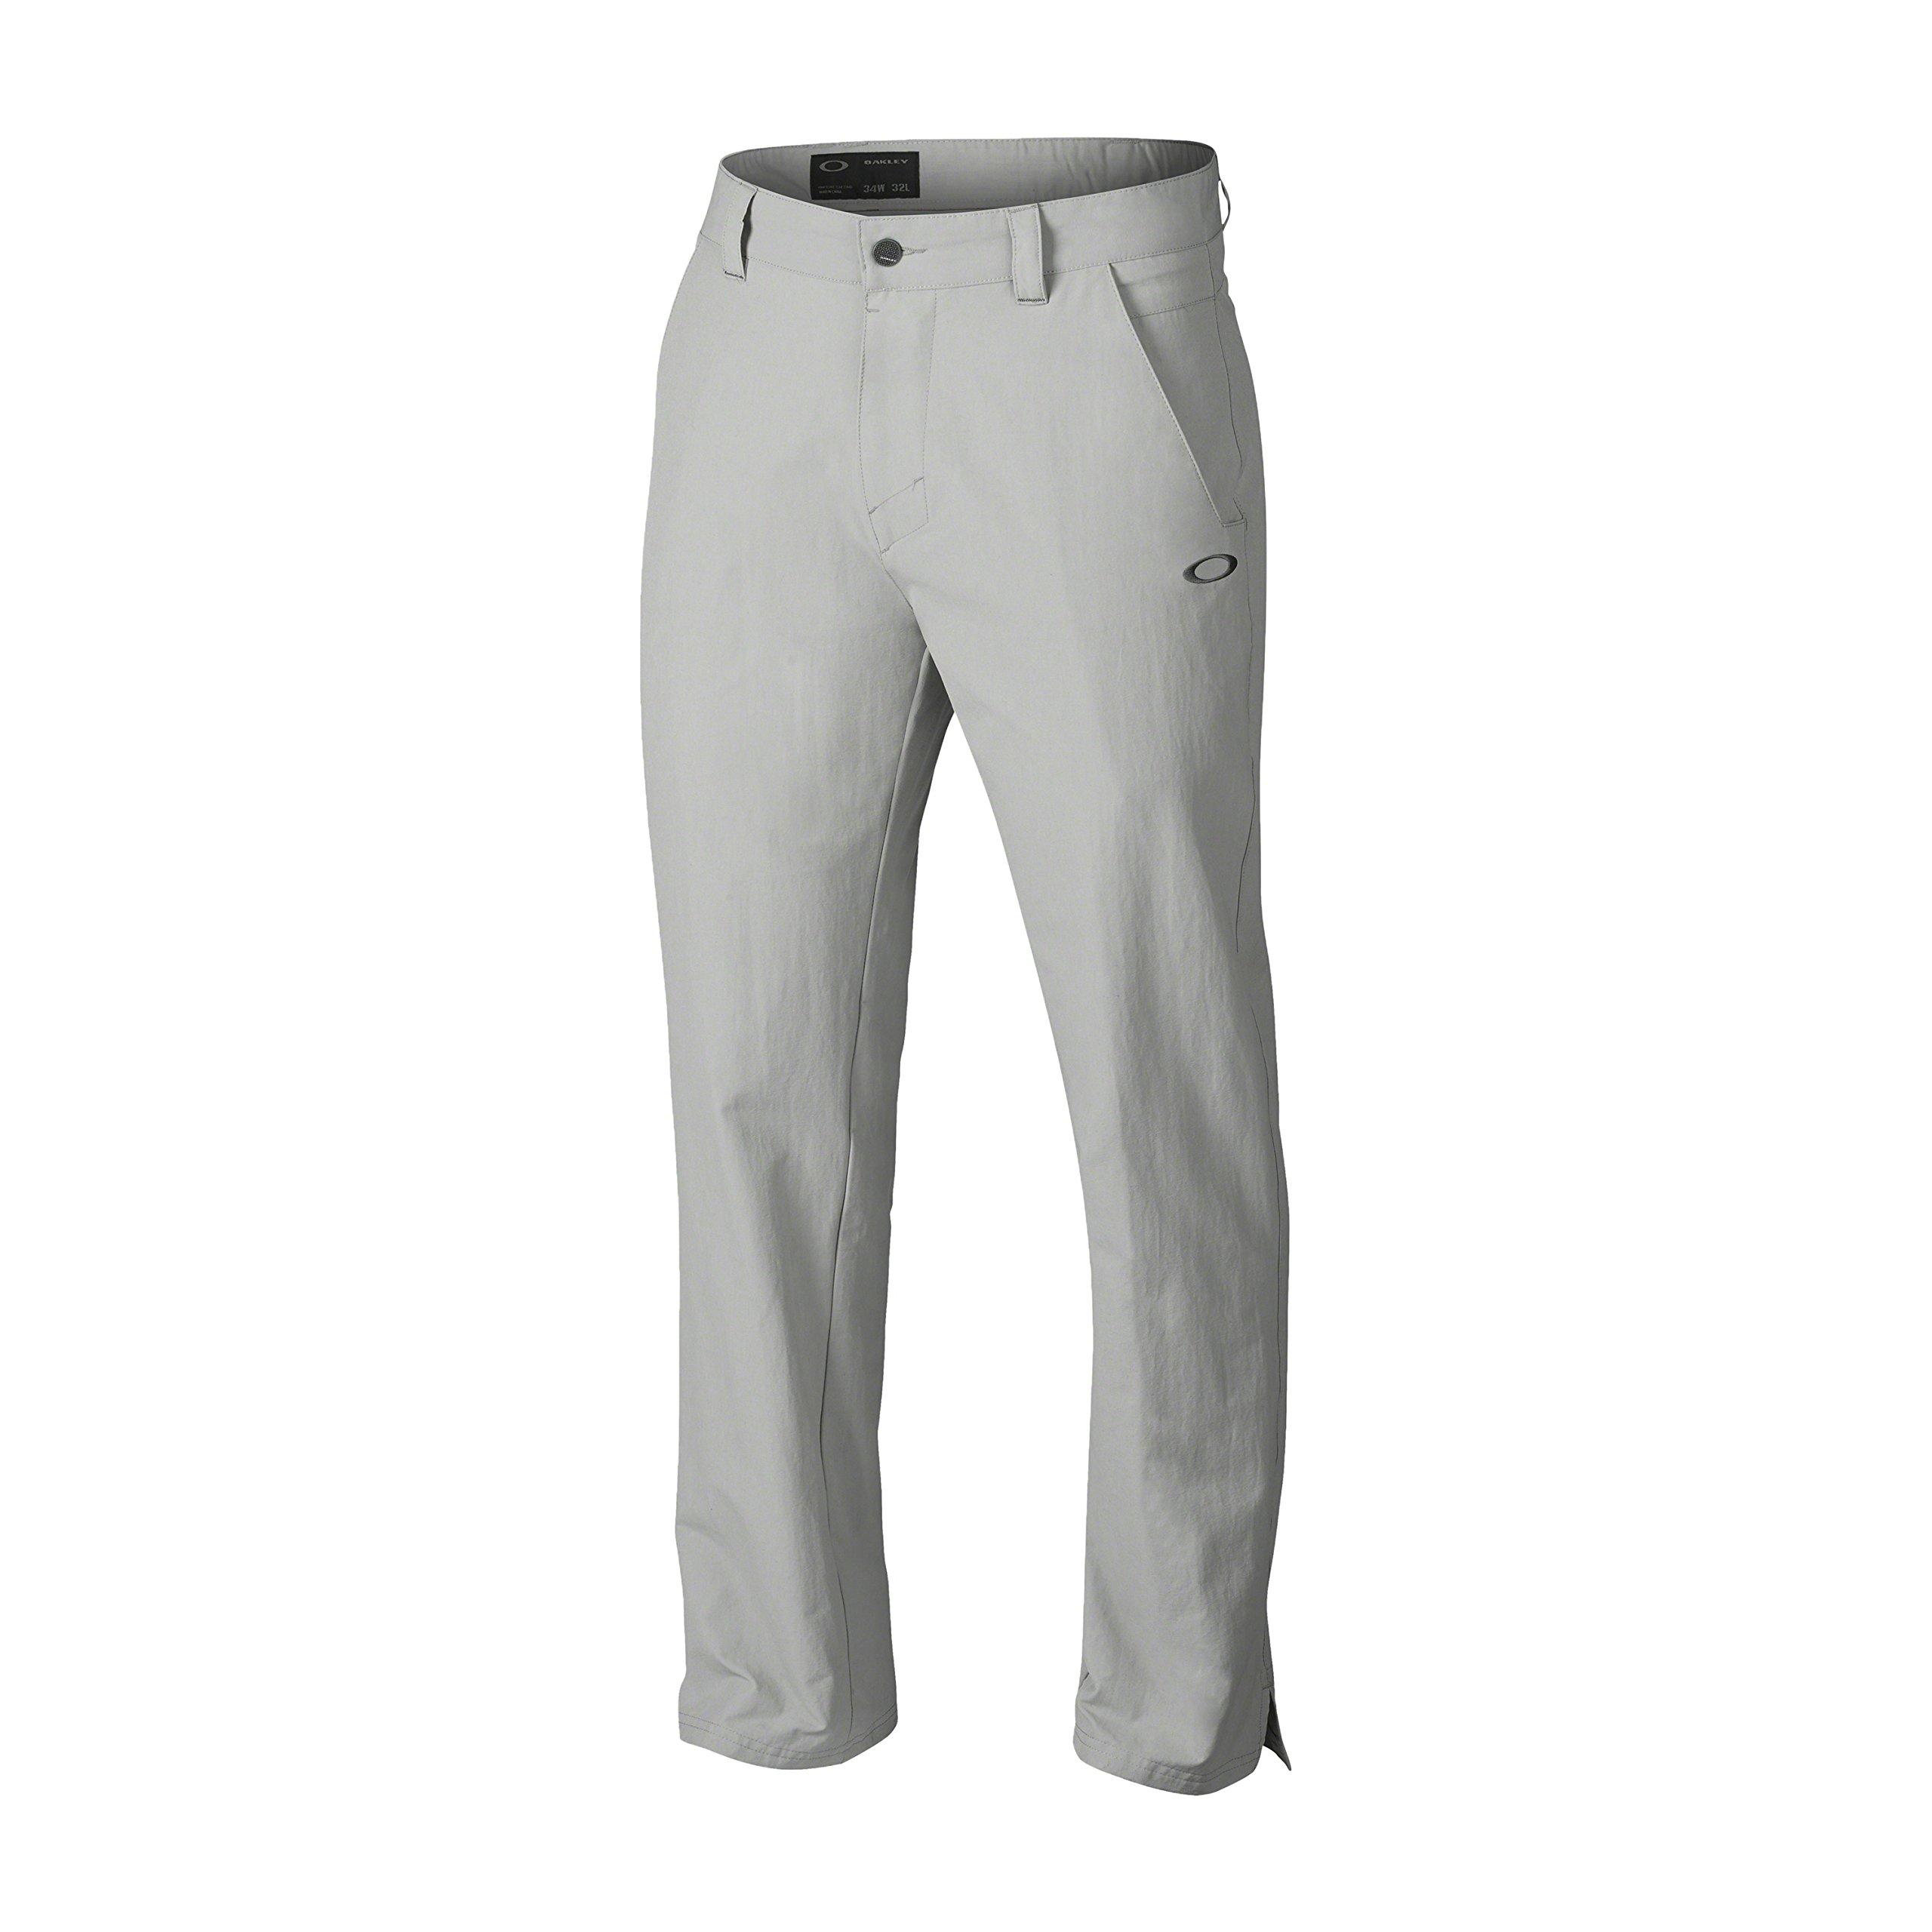 Oakley Take 2.5 Golf Pants 421977-22Y STONE GREY - 28x30